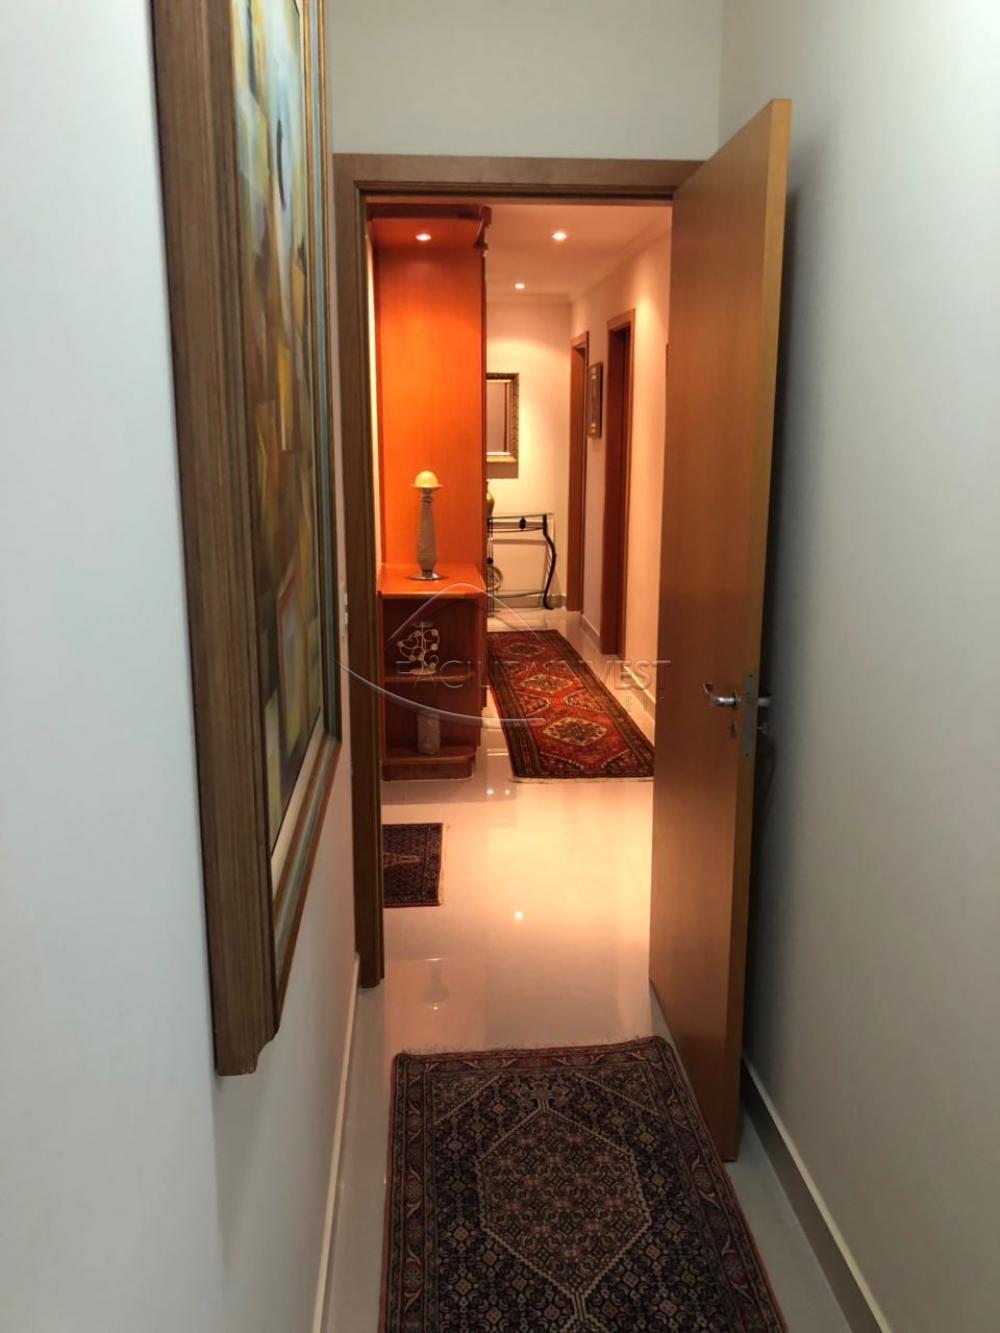 Comprar Apartamentos / Apart. Padrão em Ribeirão Preto apenas R$ 980.000,00 - Foto 10